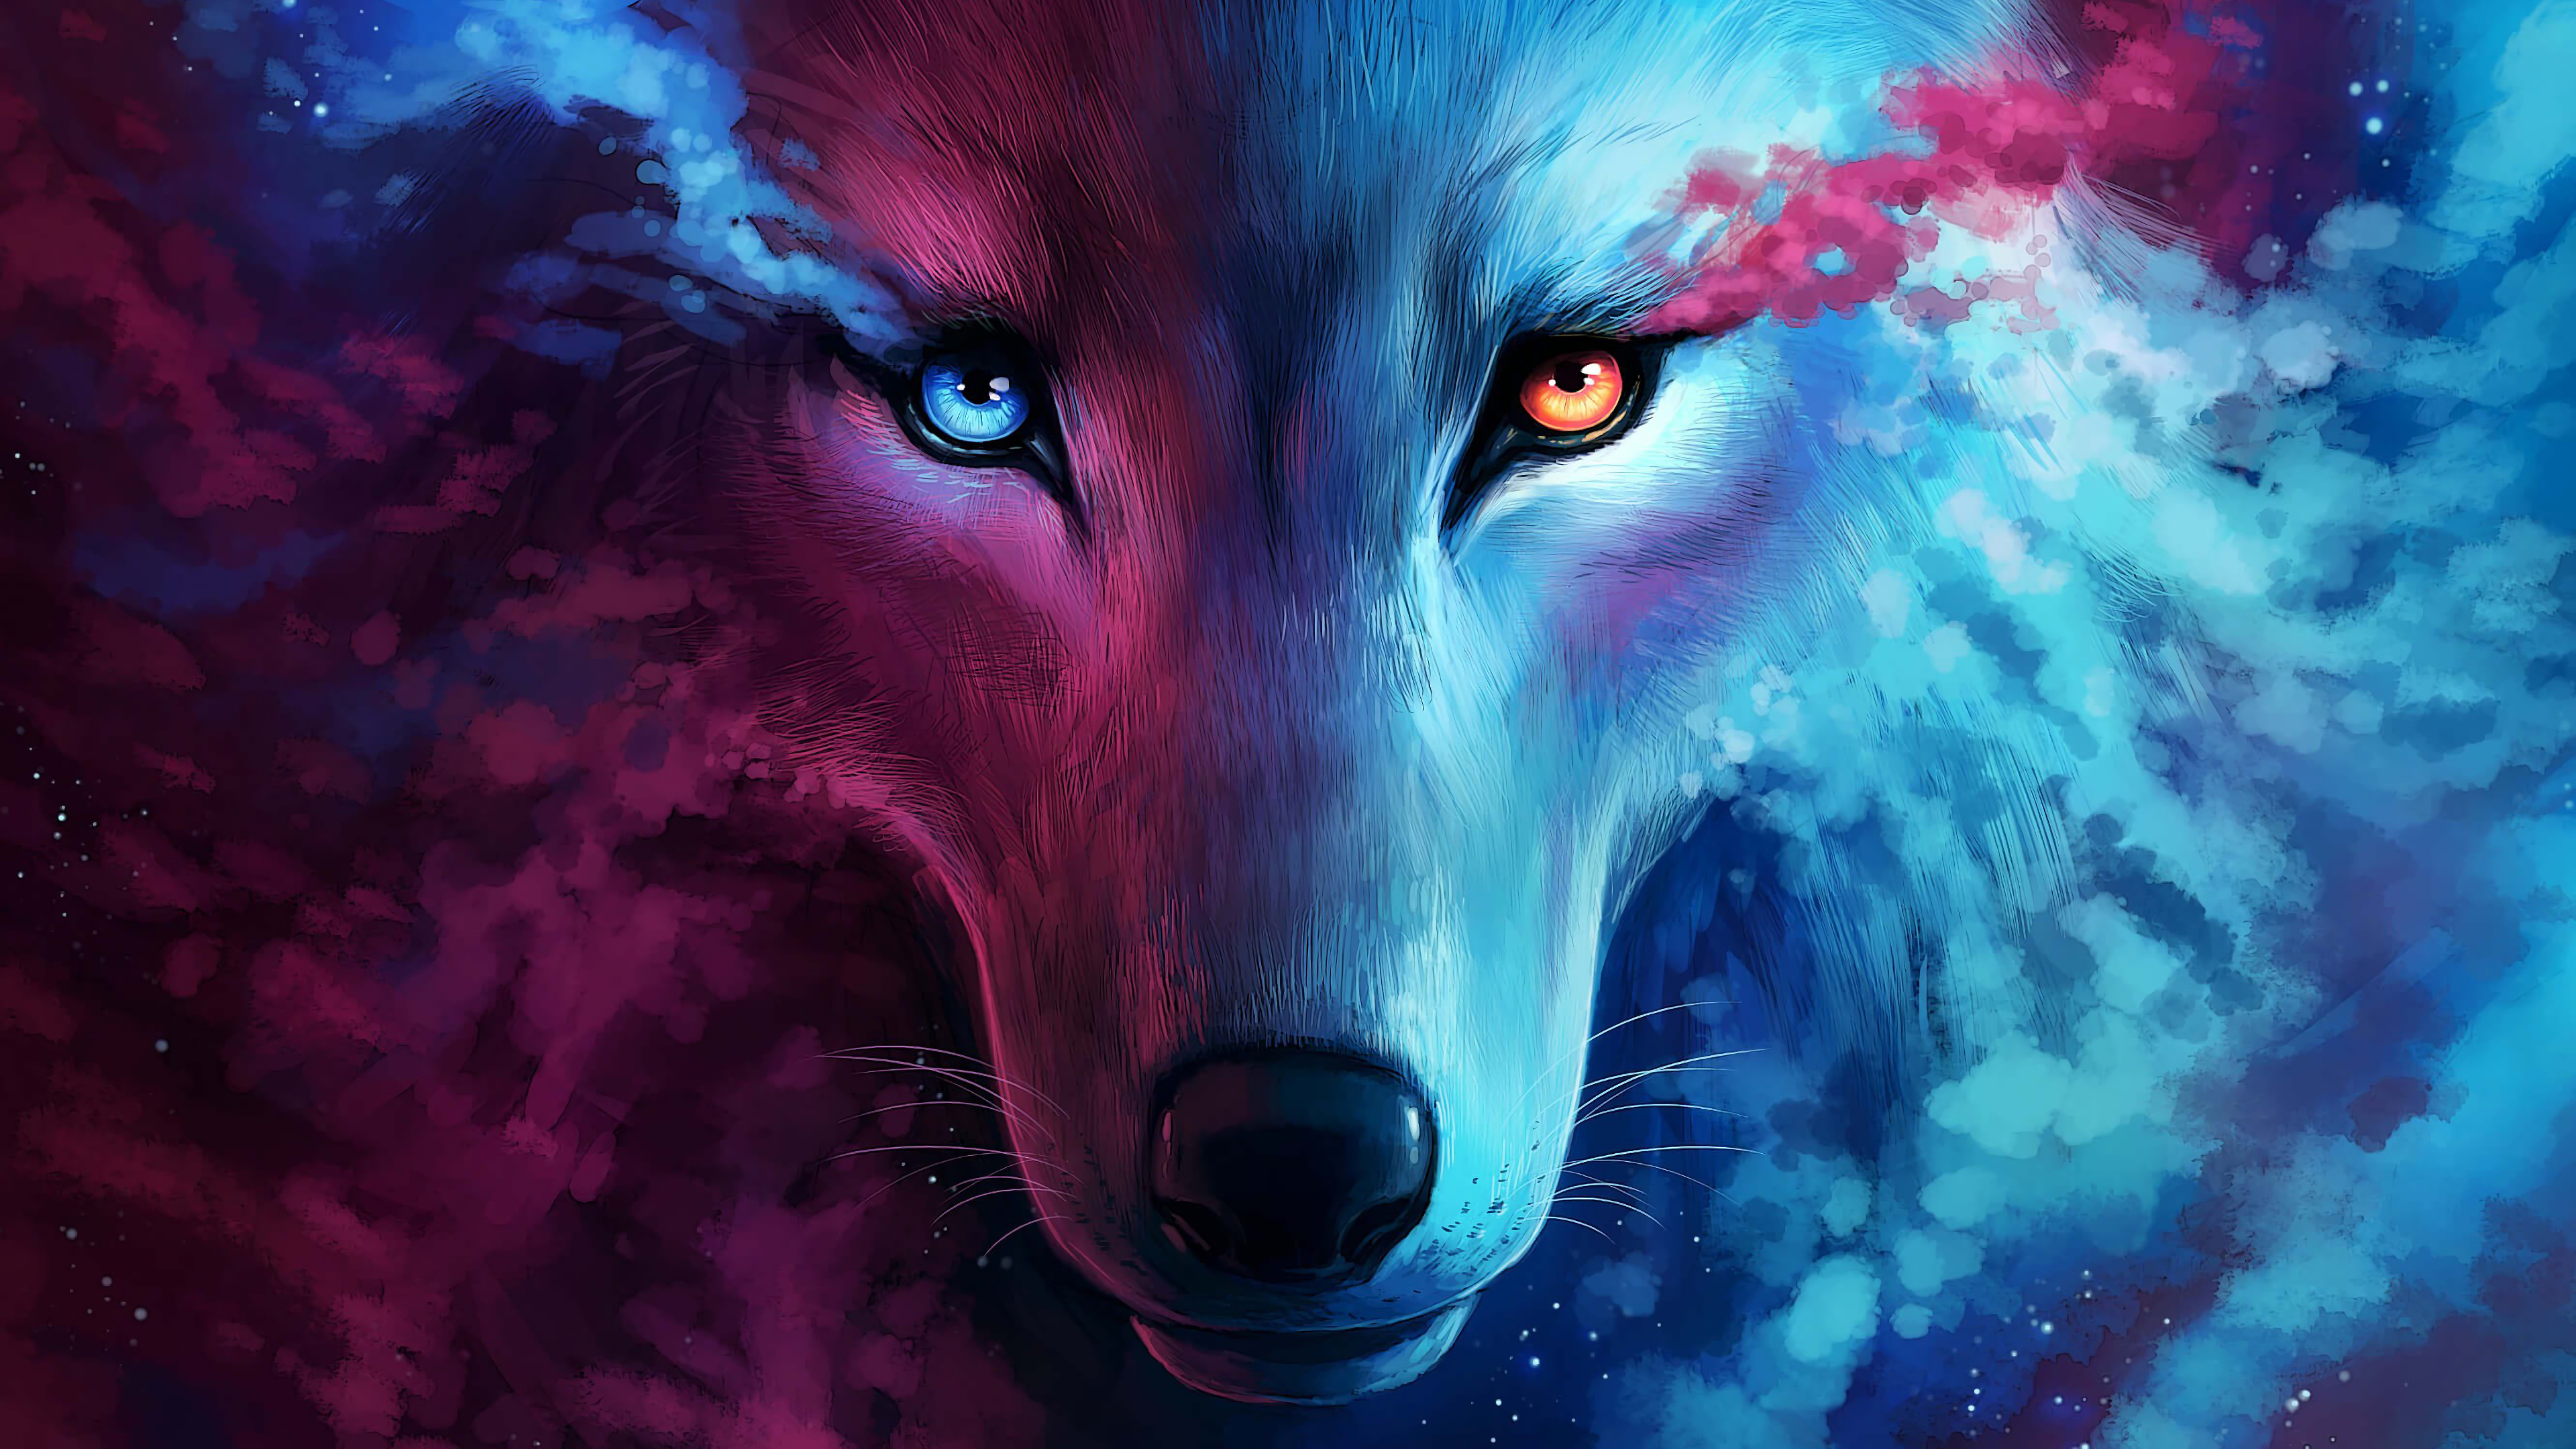 Fondos de pantalla Animación artística de lobo